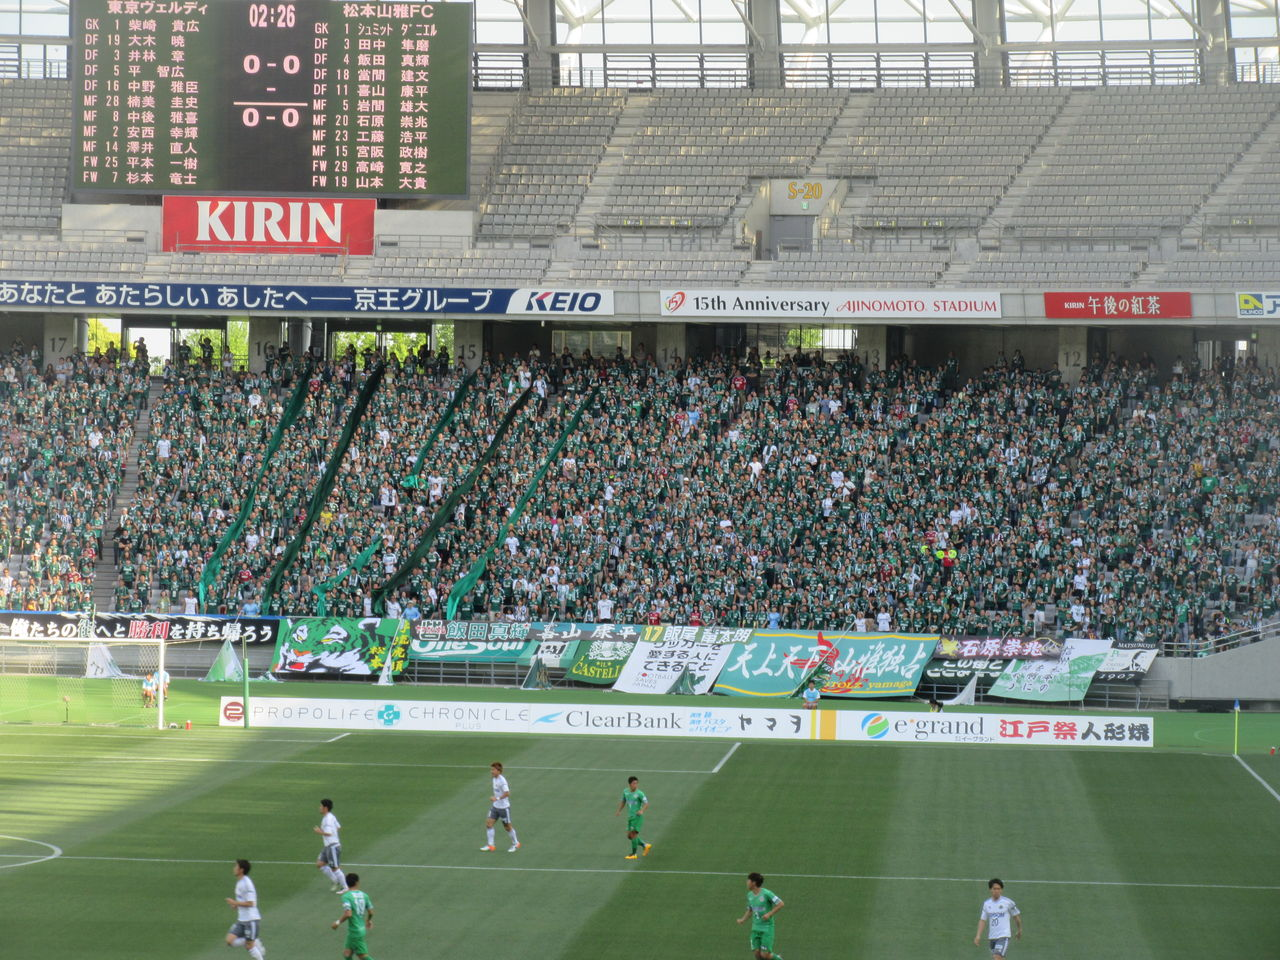 対 松本 v 東京